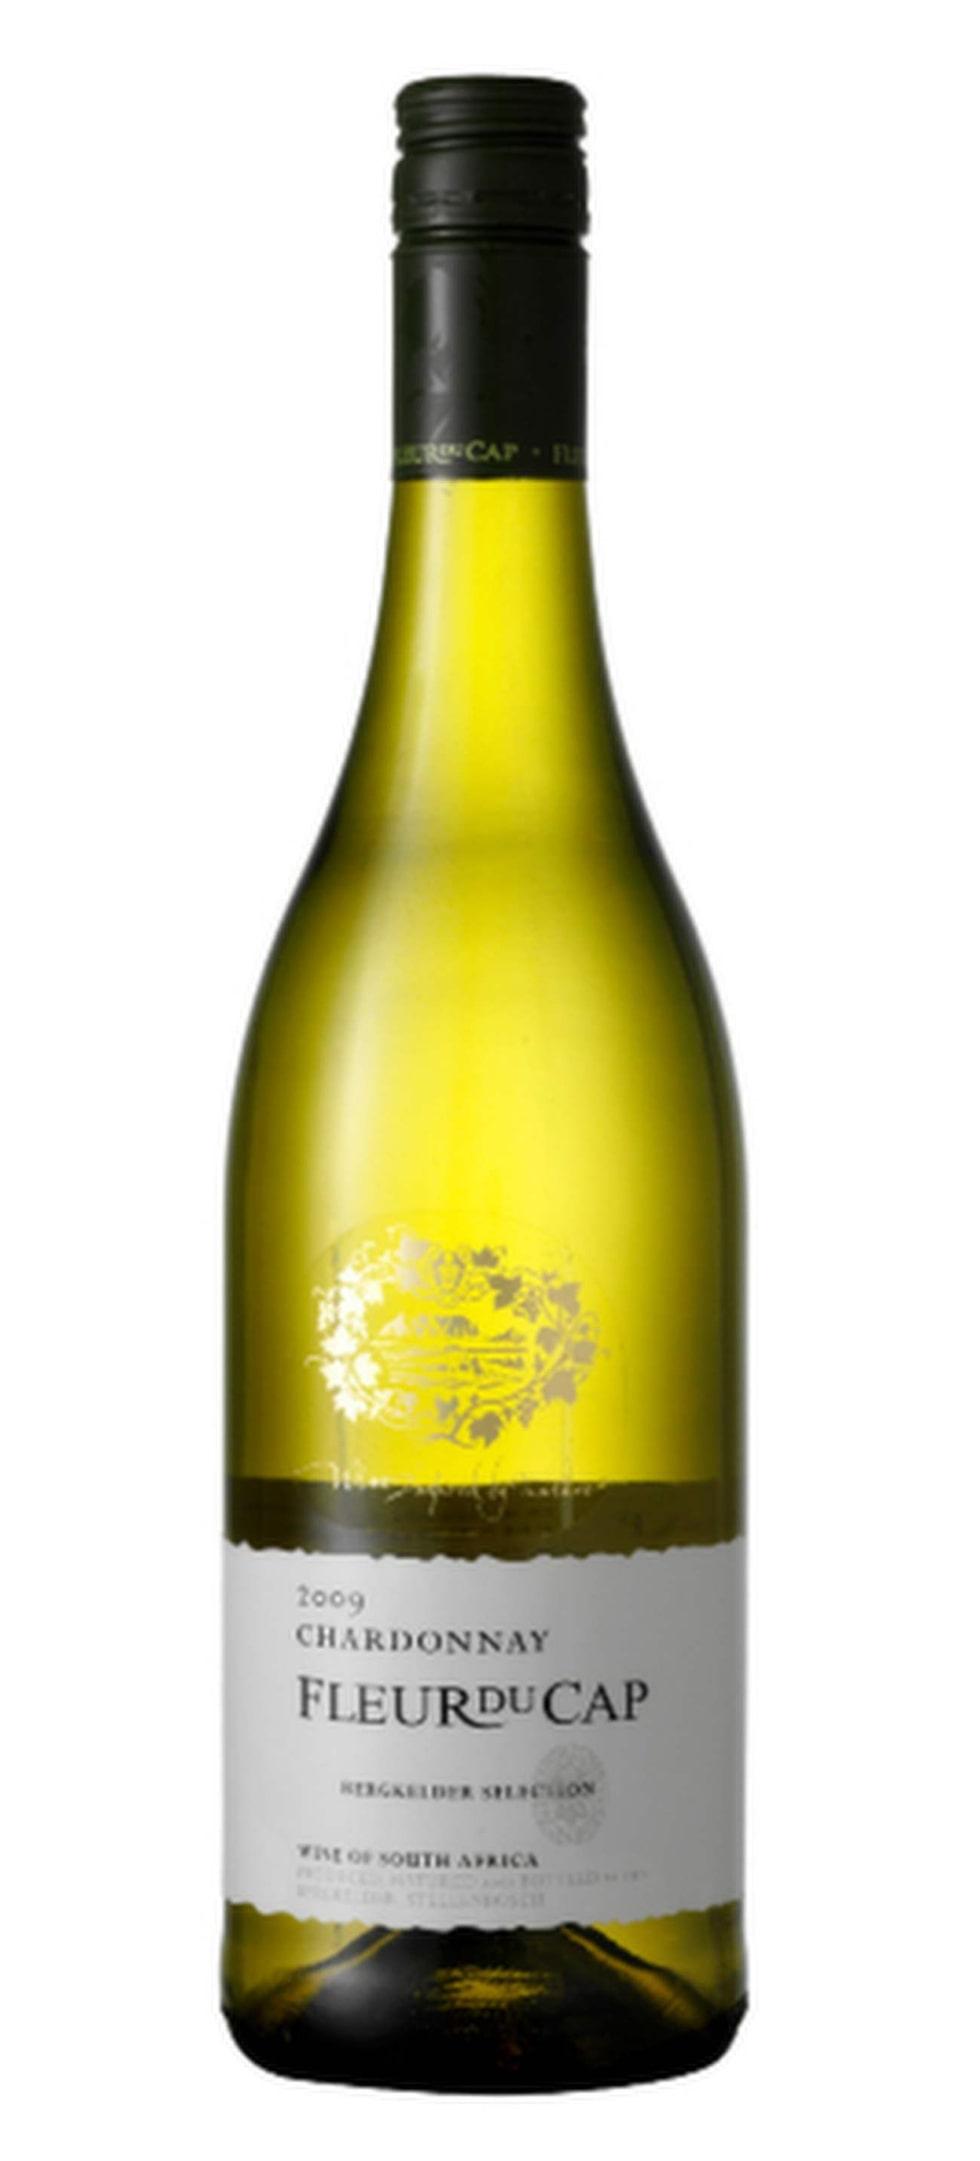 """<span></span><span>Vitt</span><br><strong>Fleur du Cap Chardonnay 2013</strong><br>(2015) Sydafrika, 91 kronor<br>Smakrikt med toner av exotiska frukter, smörig och nötig ton och en frisk fruktsyra. Gärna till stekt gösfilé med svamp.<br><exp:icon type=""""wasp""""></exp:icon><exp:icon type=""""wasp""""></exp:icon><exp:icon type=""""wasp""""></exp:icon><exp:icon type=""""wasp""""></exp:icon>"""